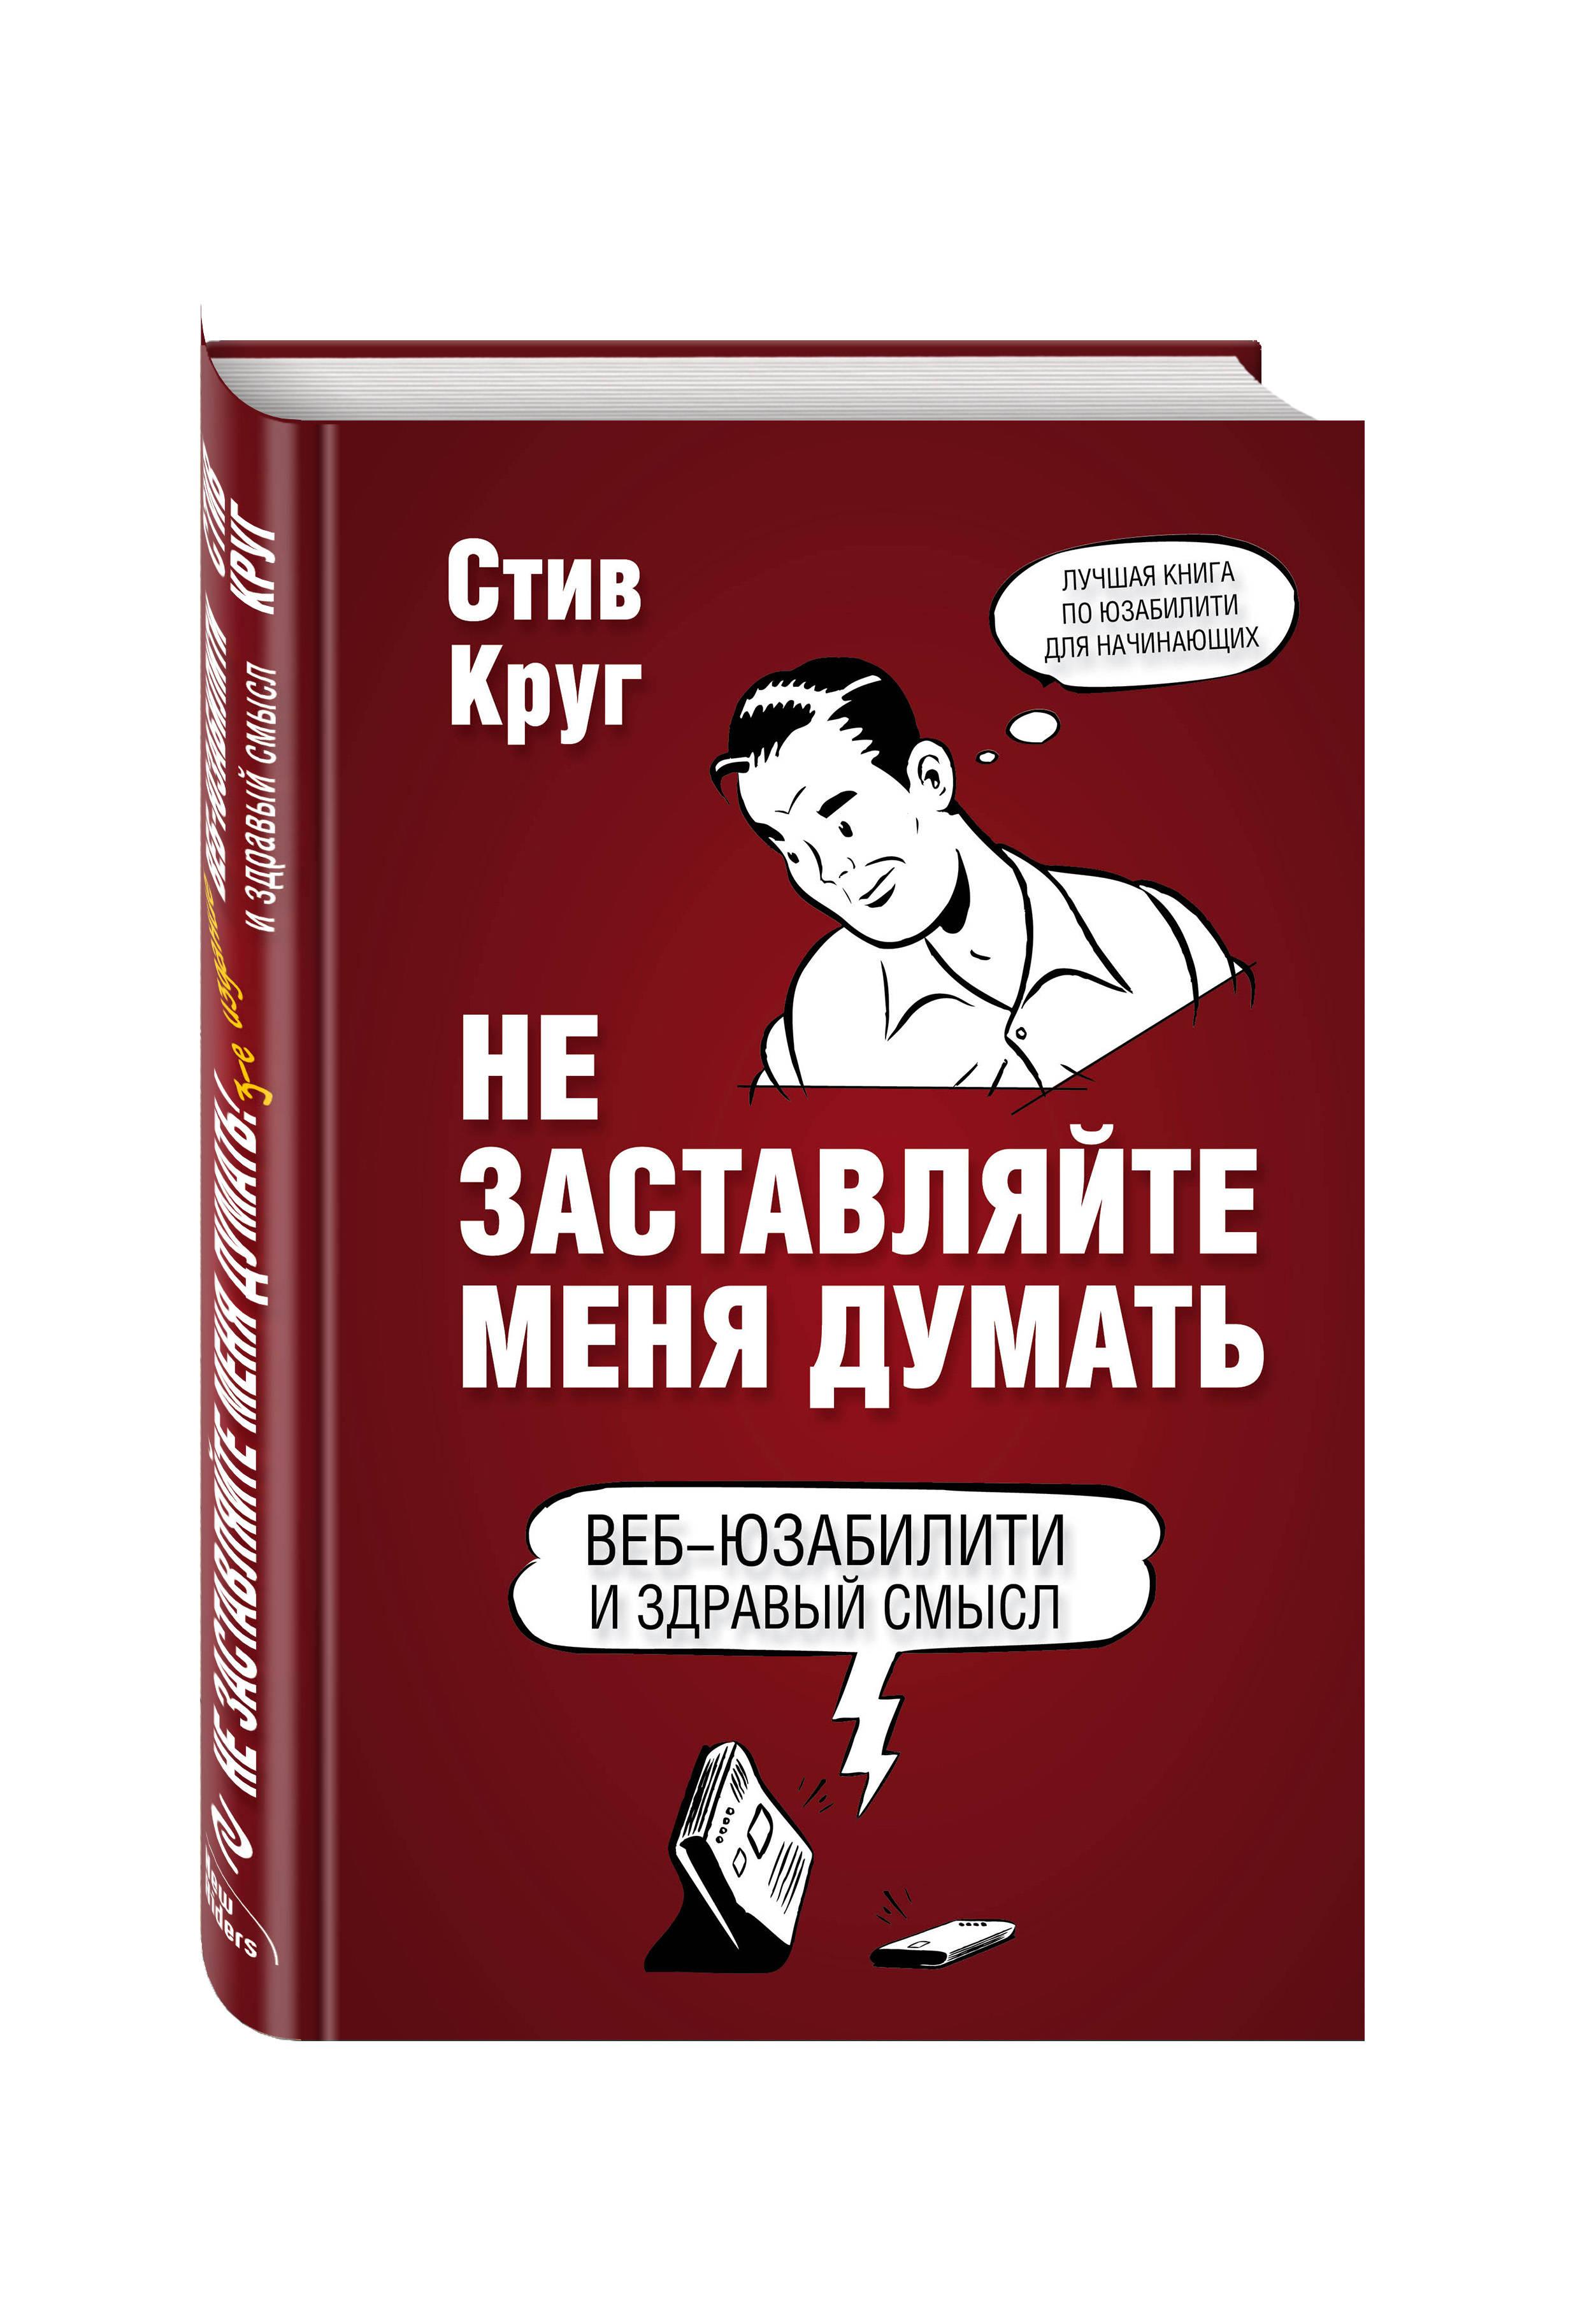 Стив Круг Не заставляйте меня думать. Веб-юзабилити и здравый смысл. 3-е издание